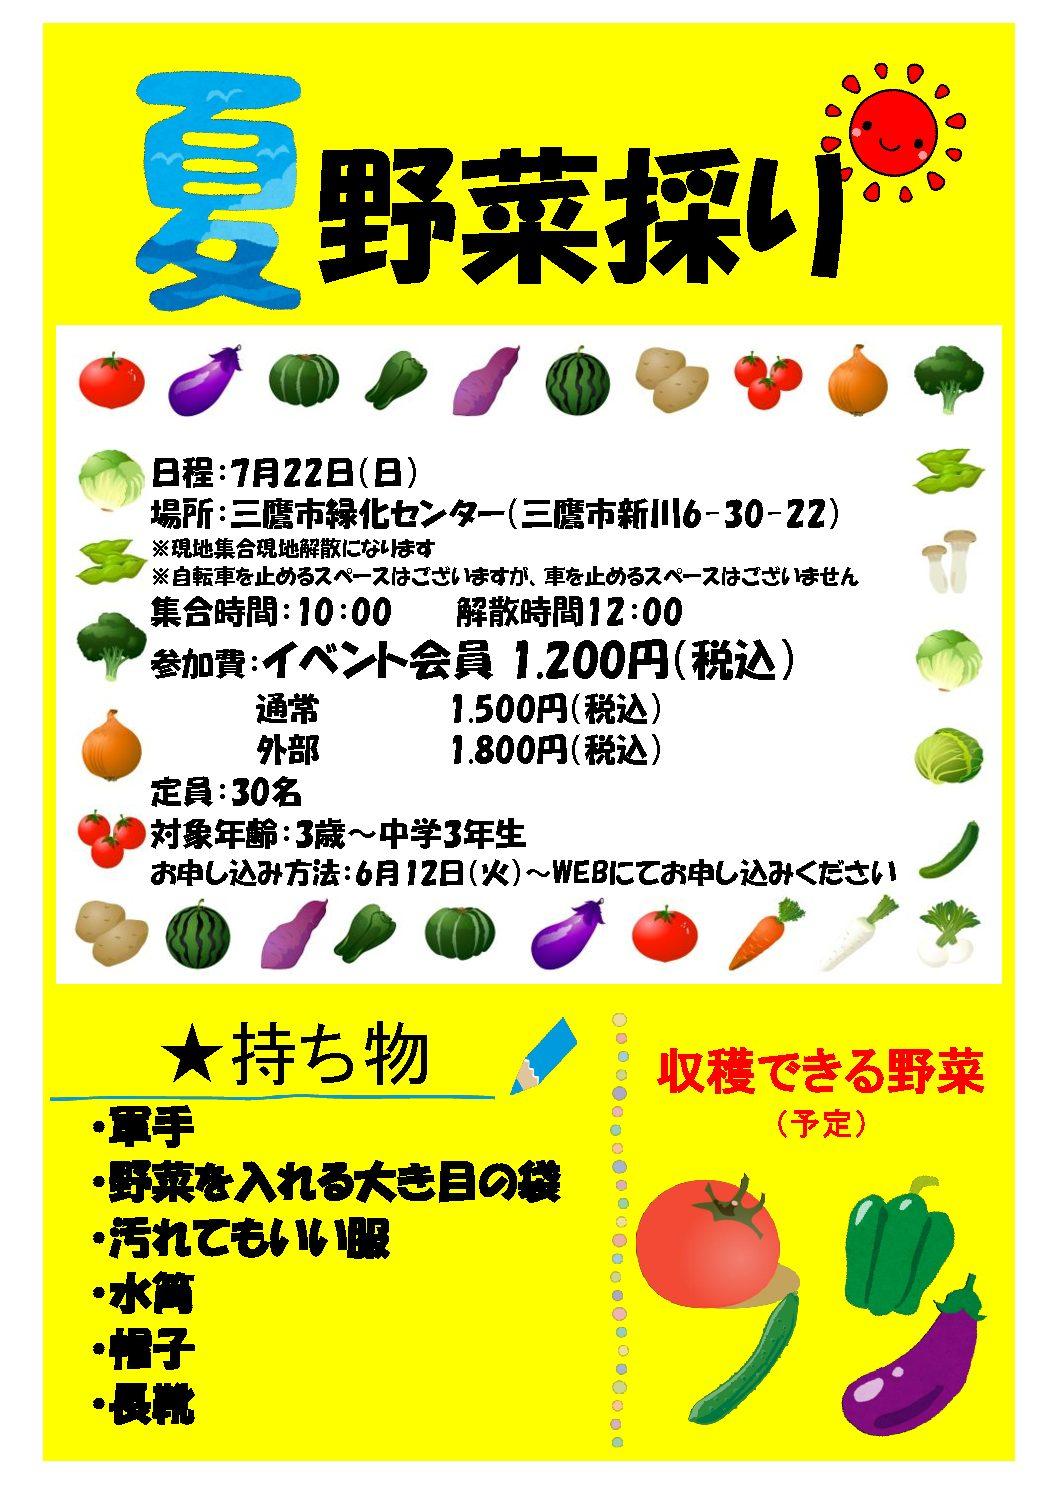 7月キッズイベント「夏野菜採り」のご案内